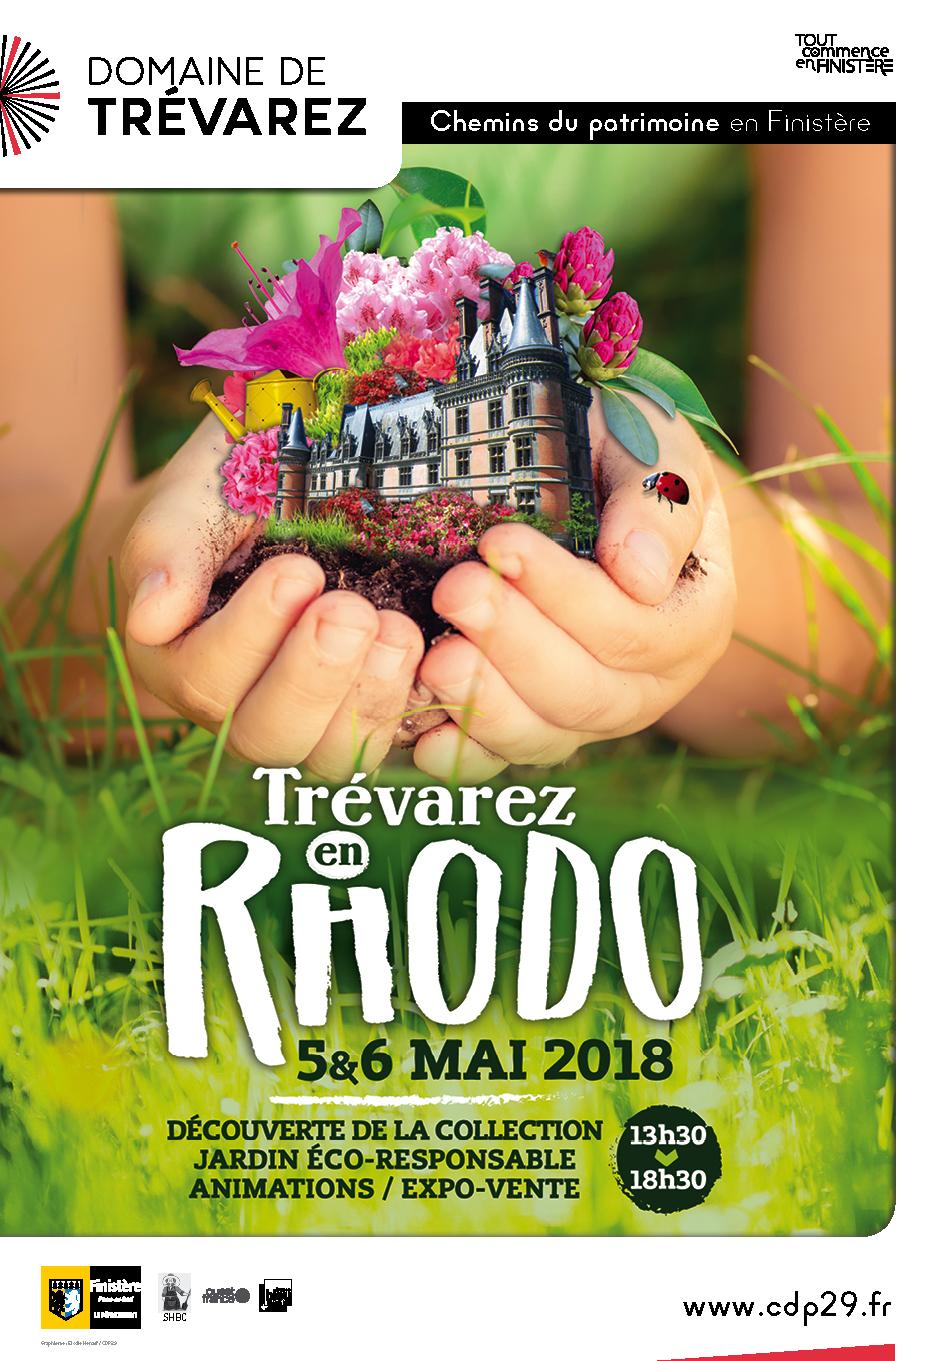 TVZ-AFF33X48-Rhodo-2018-mail